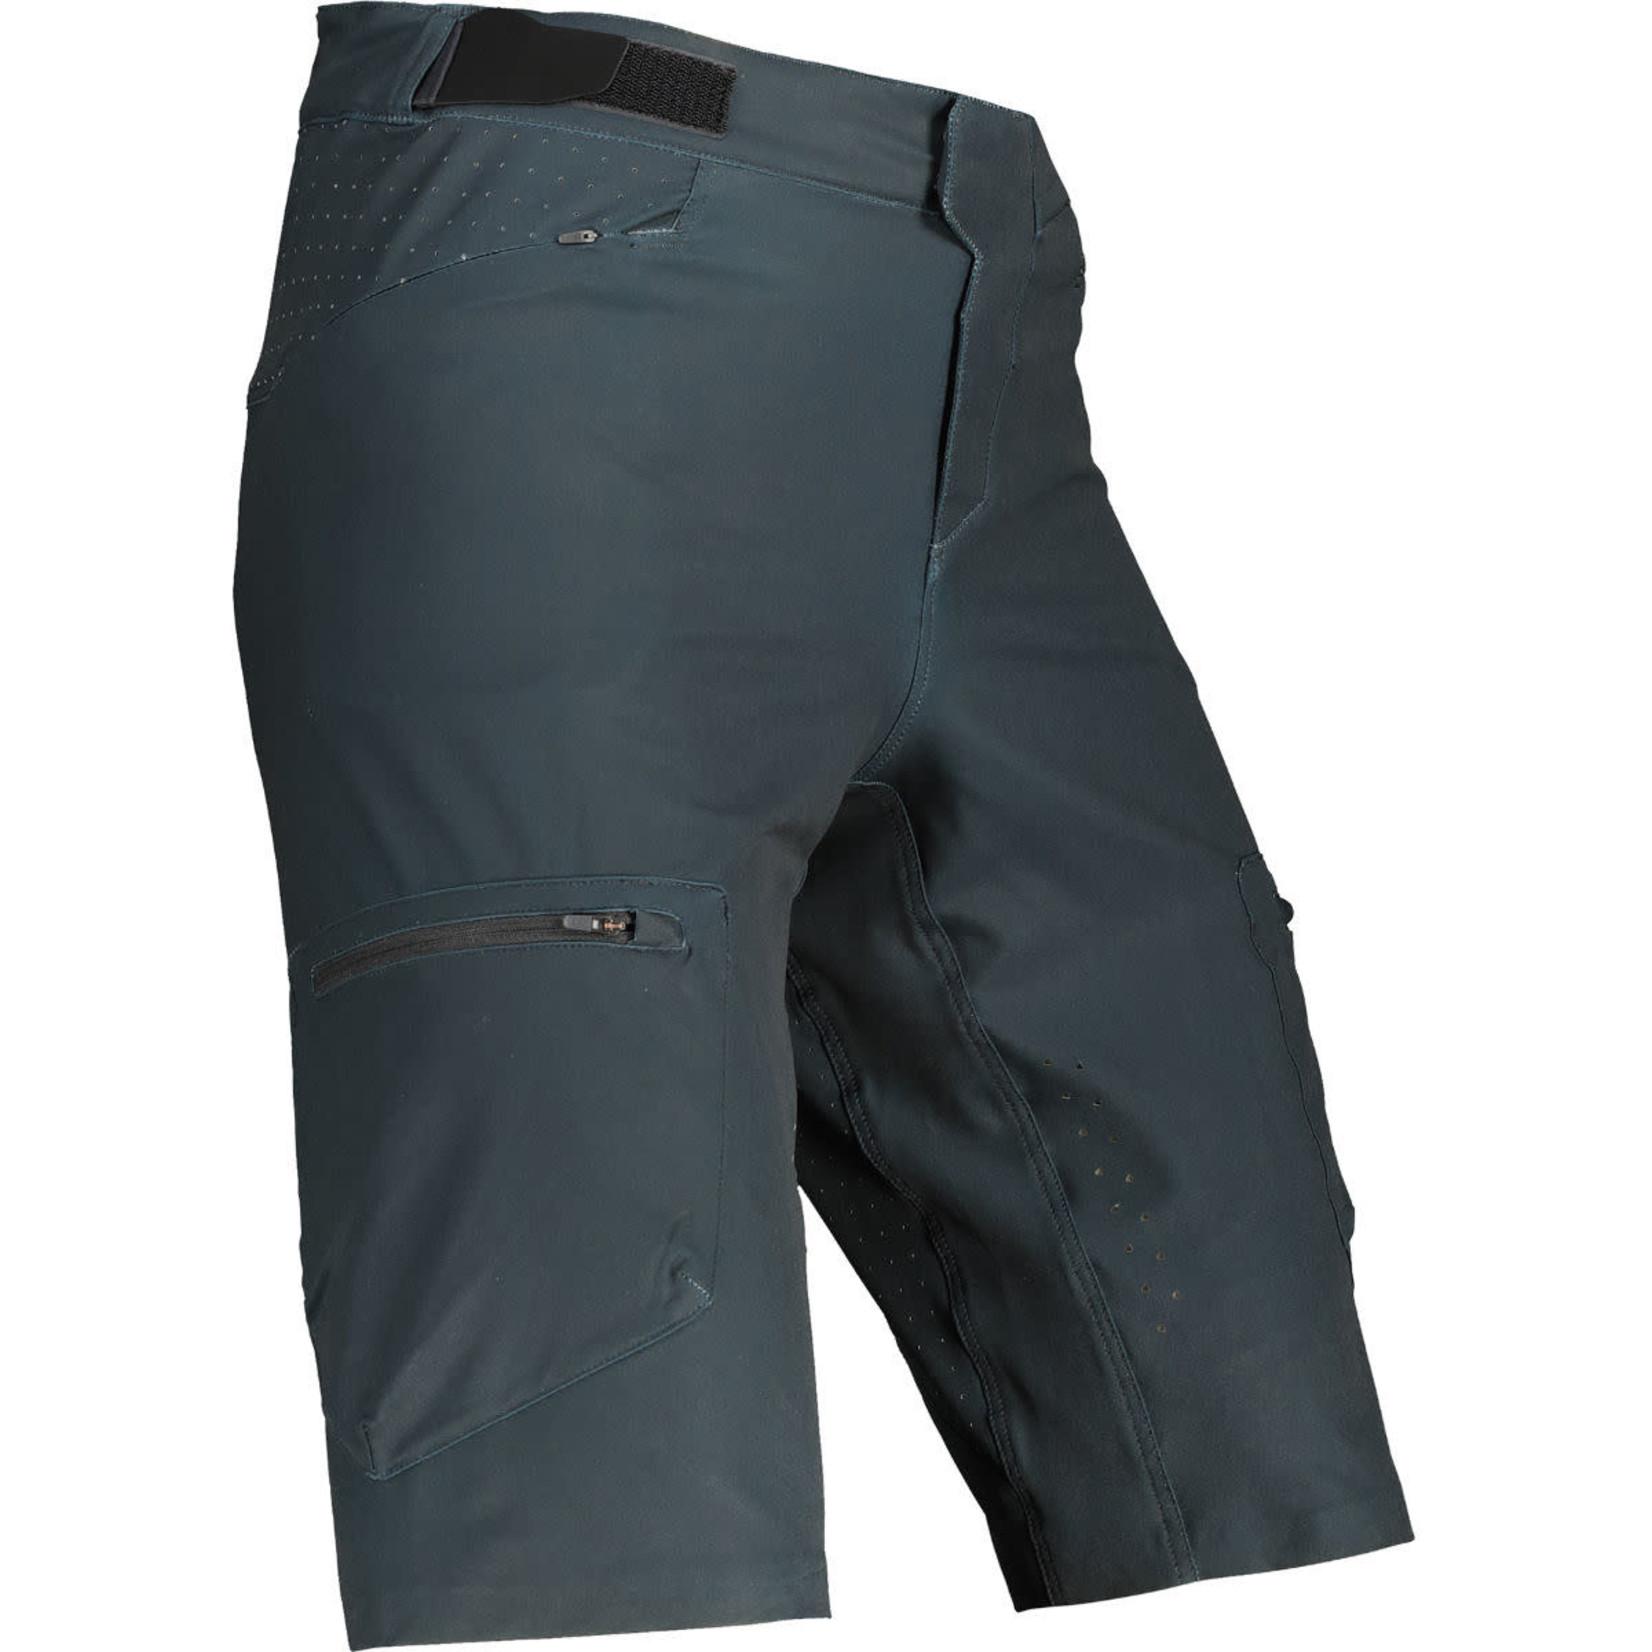 Leatt MTB 2.0 Shorts 2021